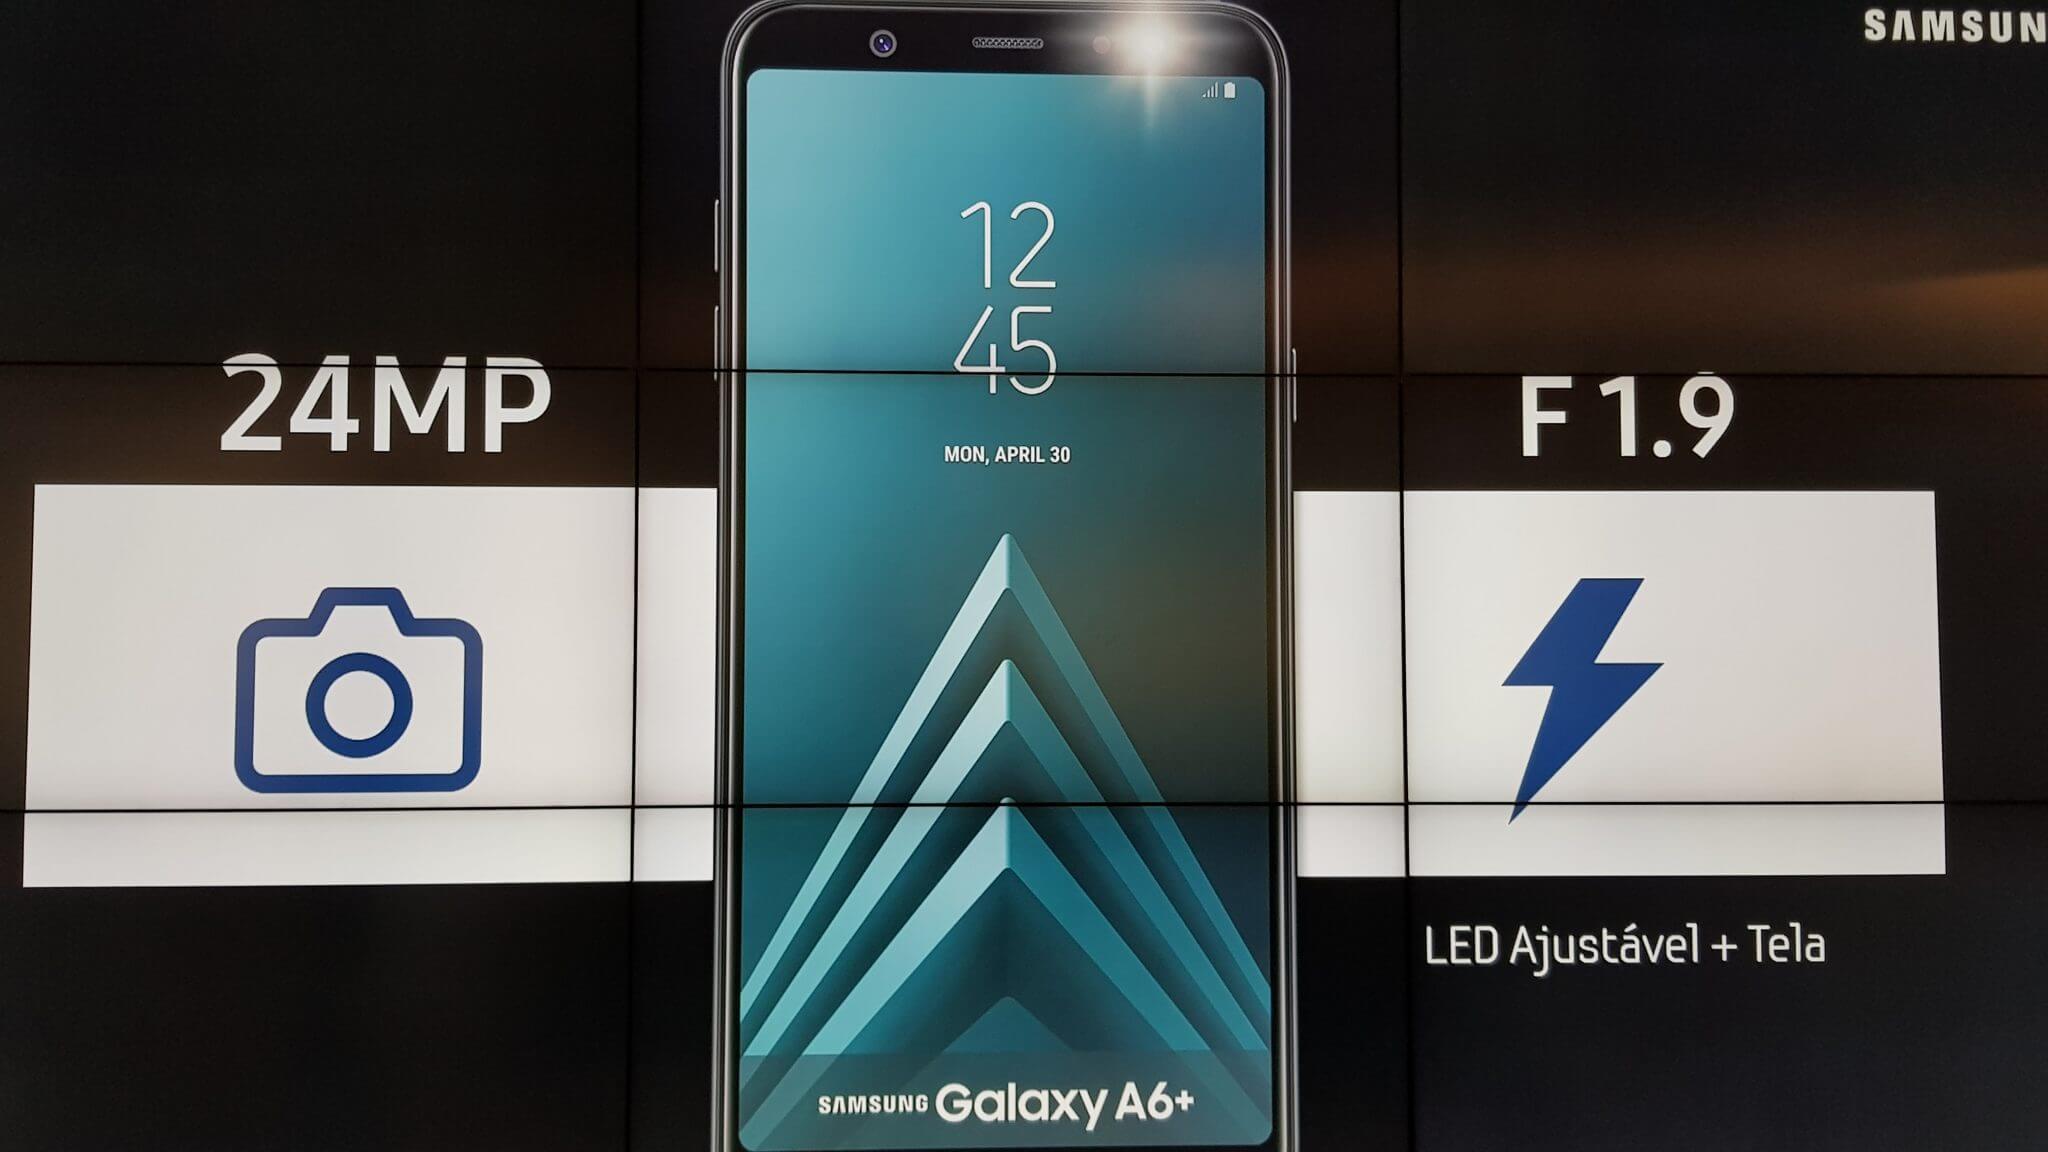 Galaxy A6+ chega ao Brasil com funções do S9+ e preço reduzido